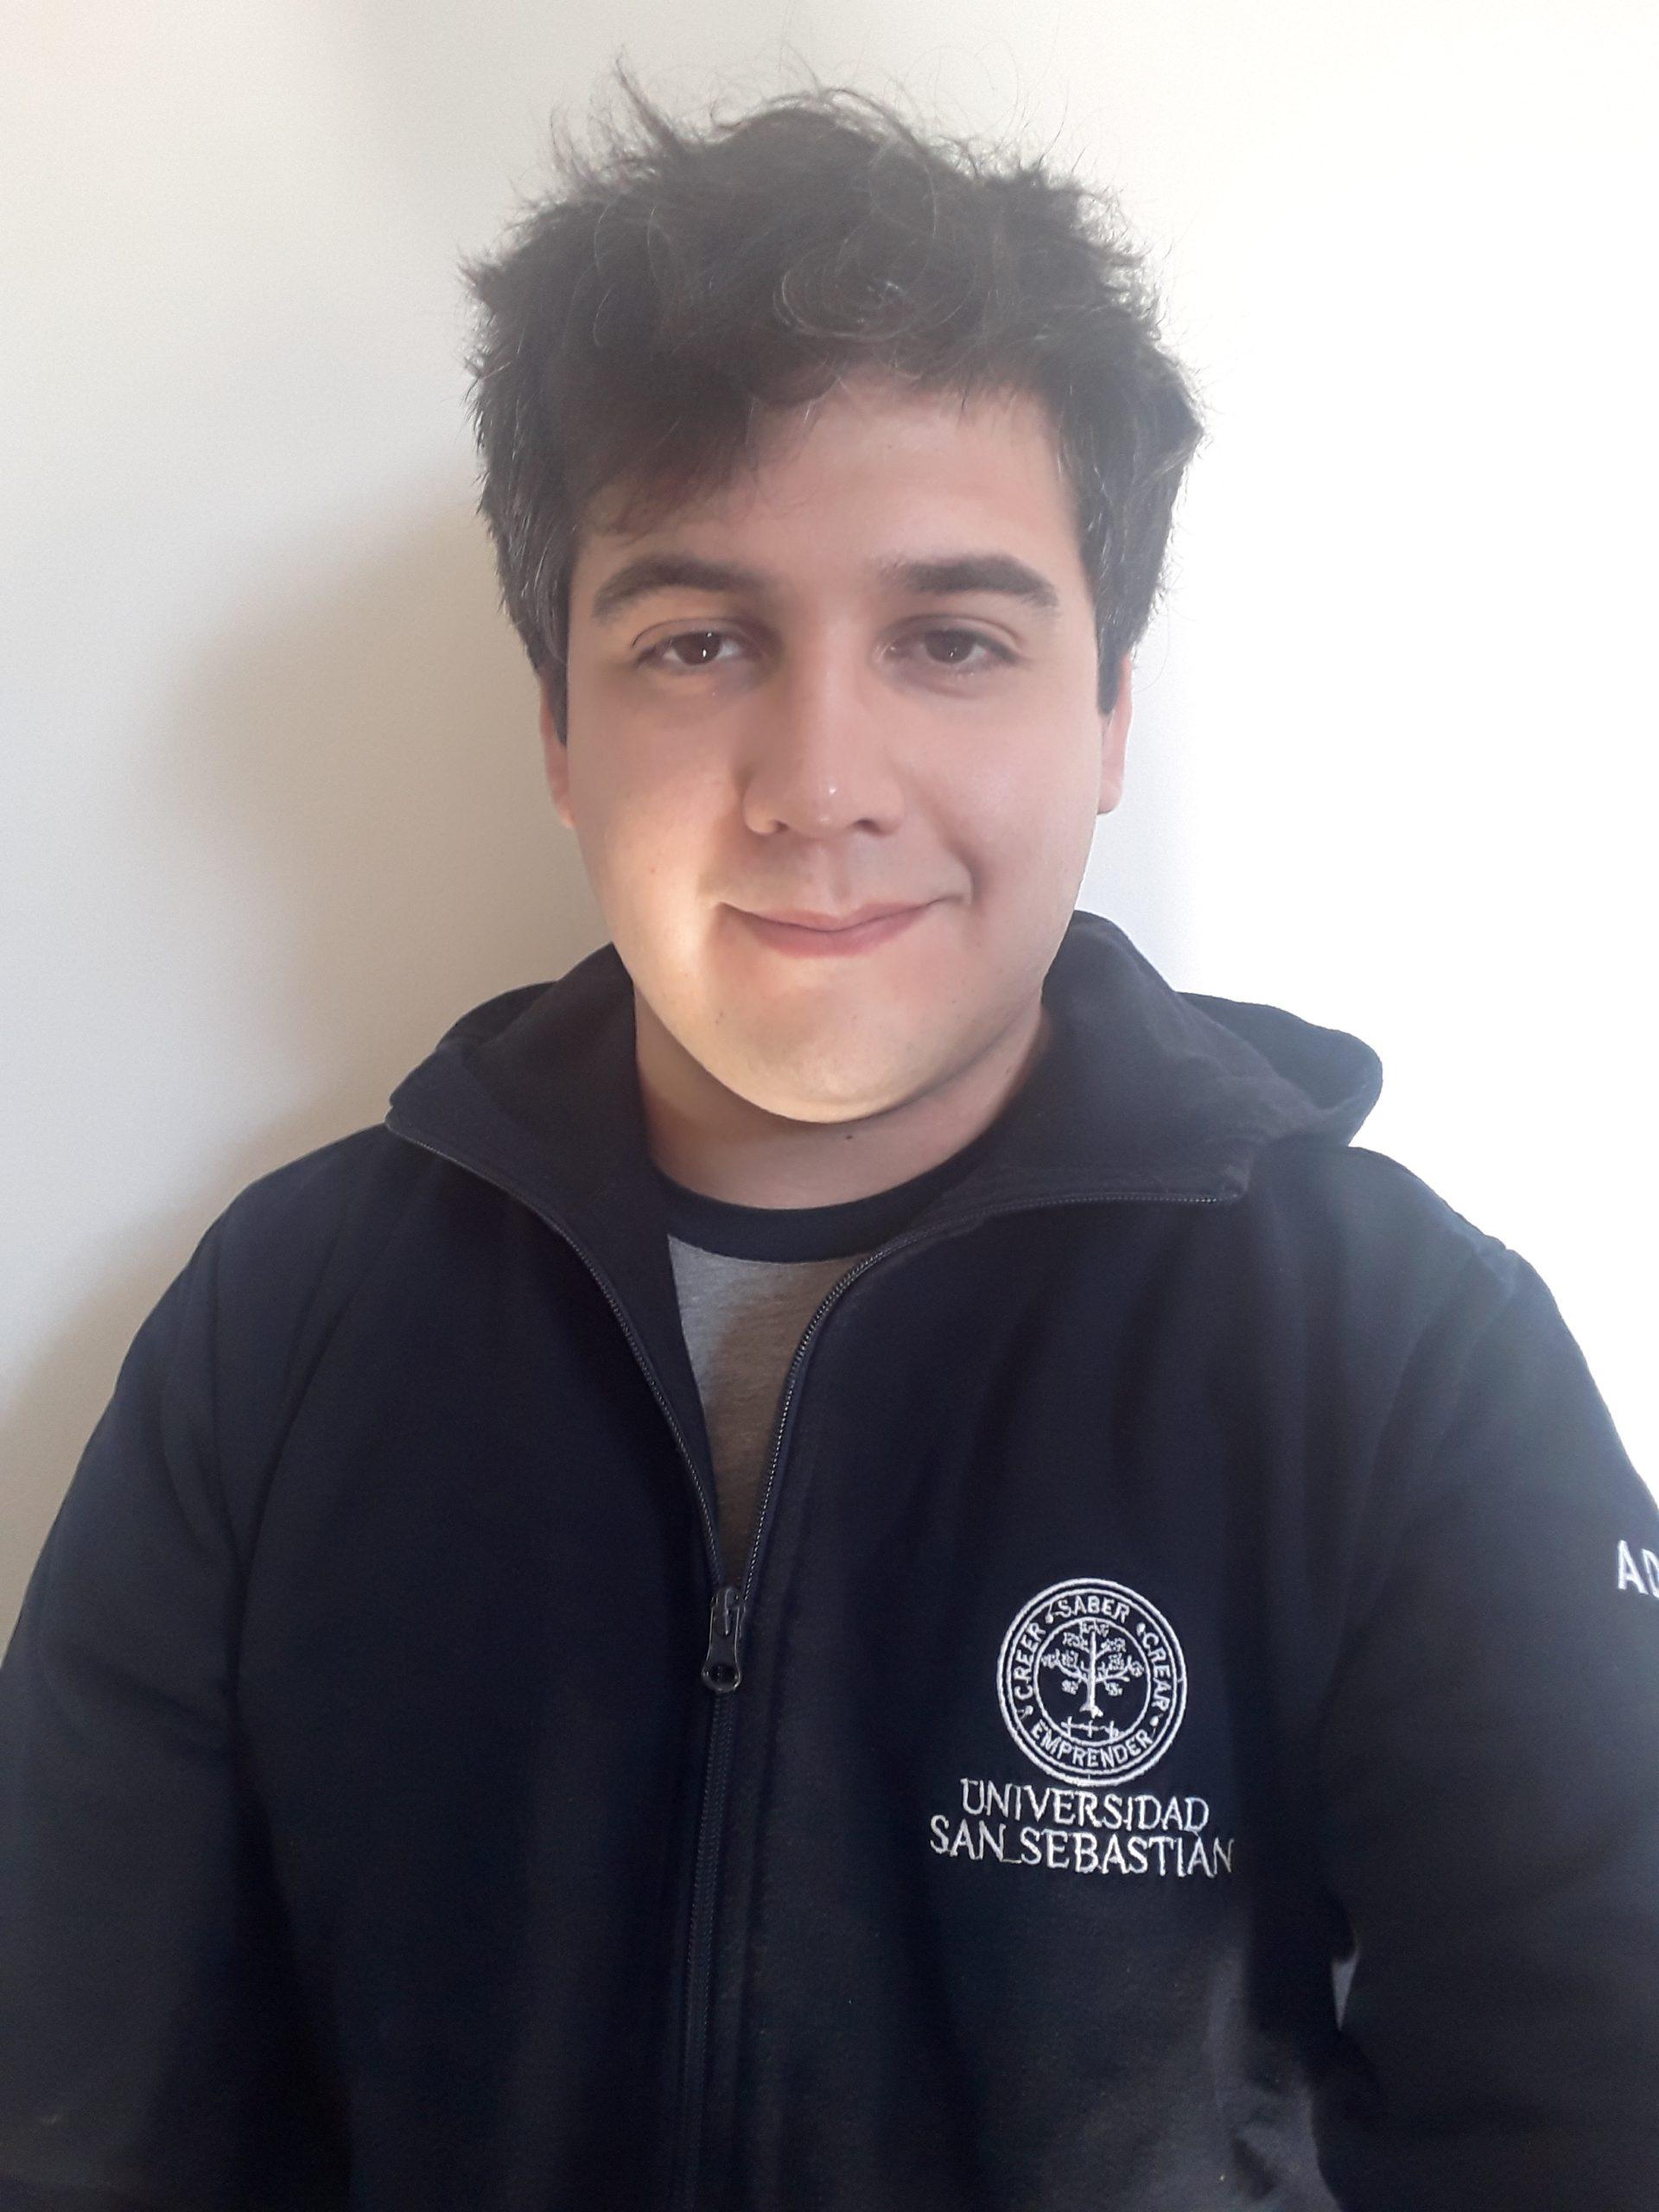 Francisco Tenorio Moreira